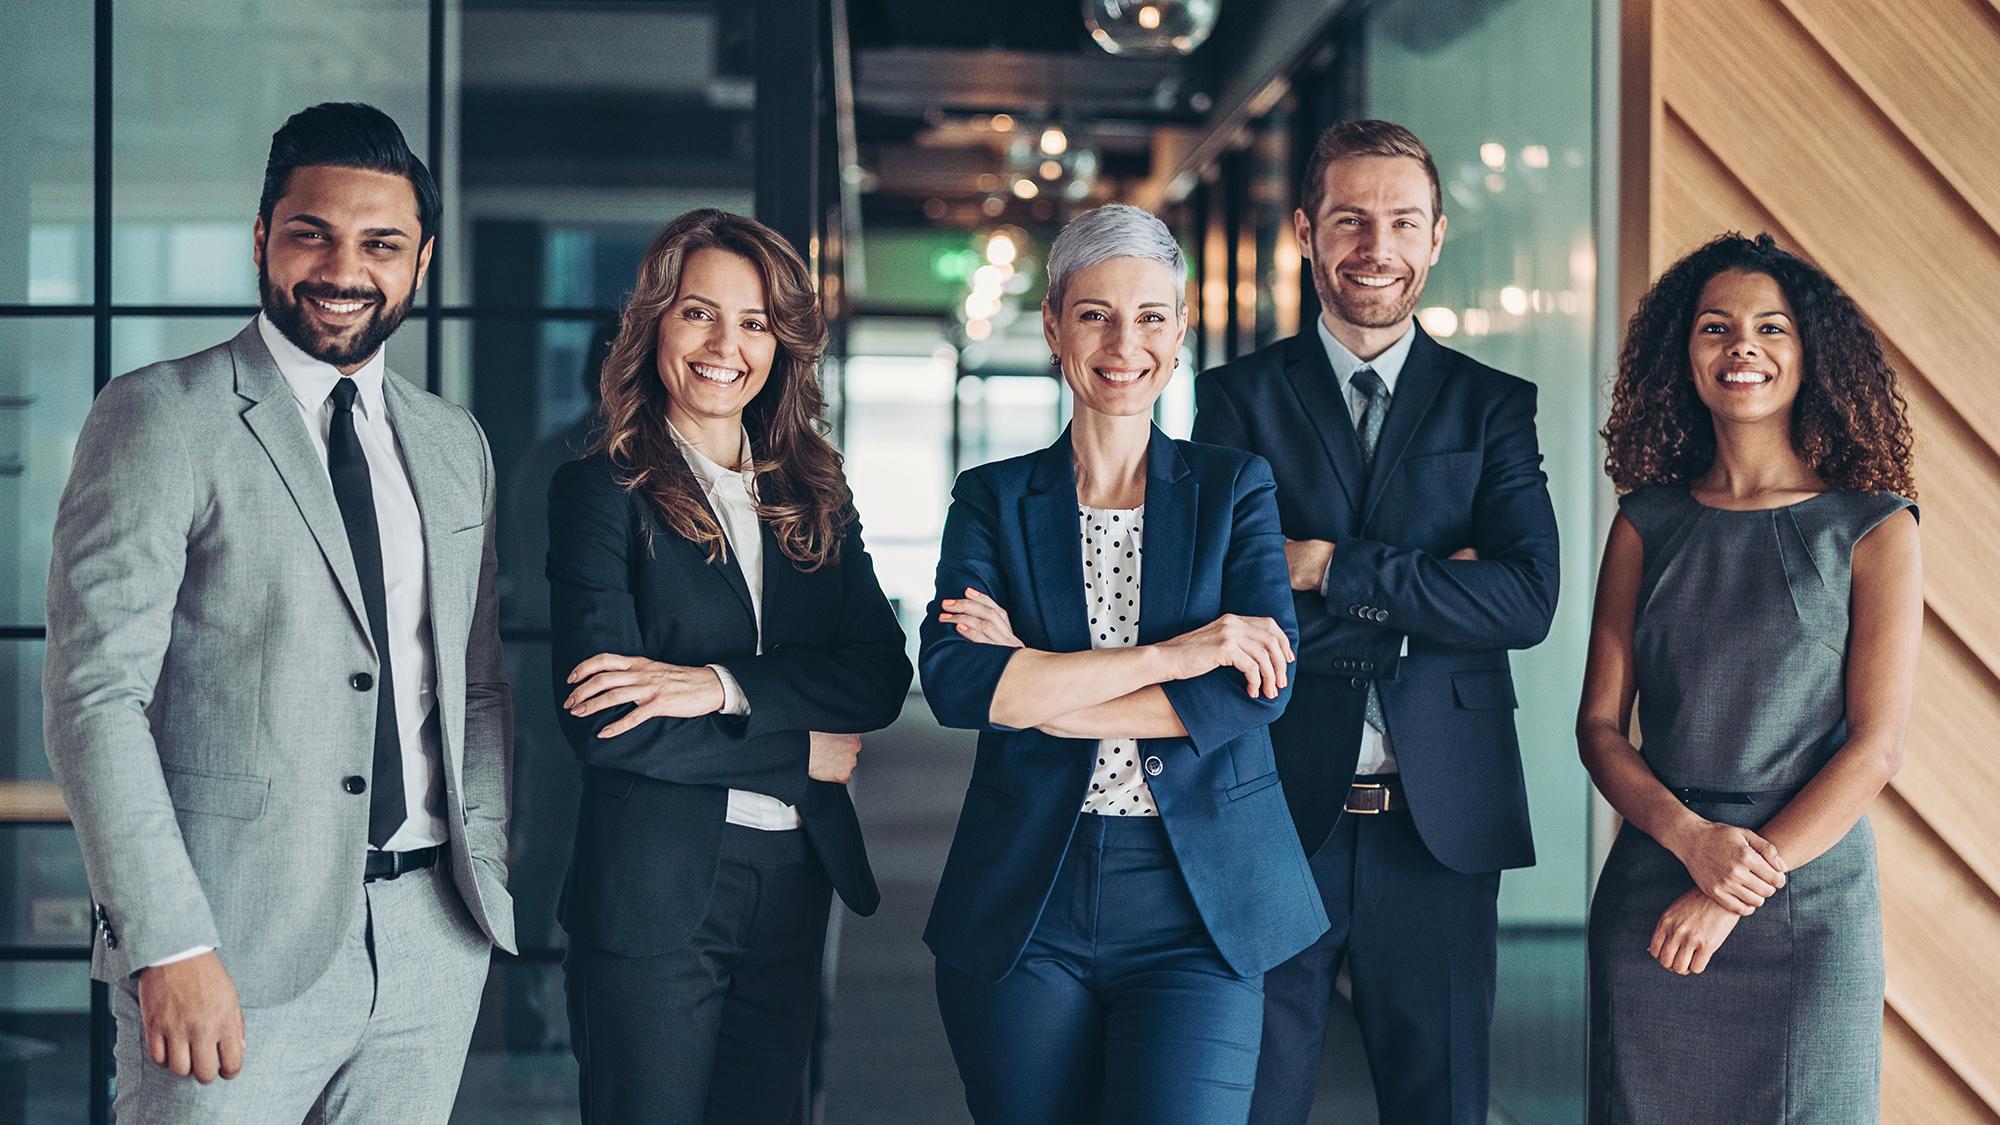 Bewährt und praxiserprobt – fünf erfolgreiche Managementkonzepte